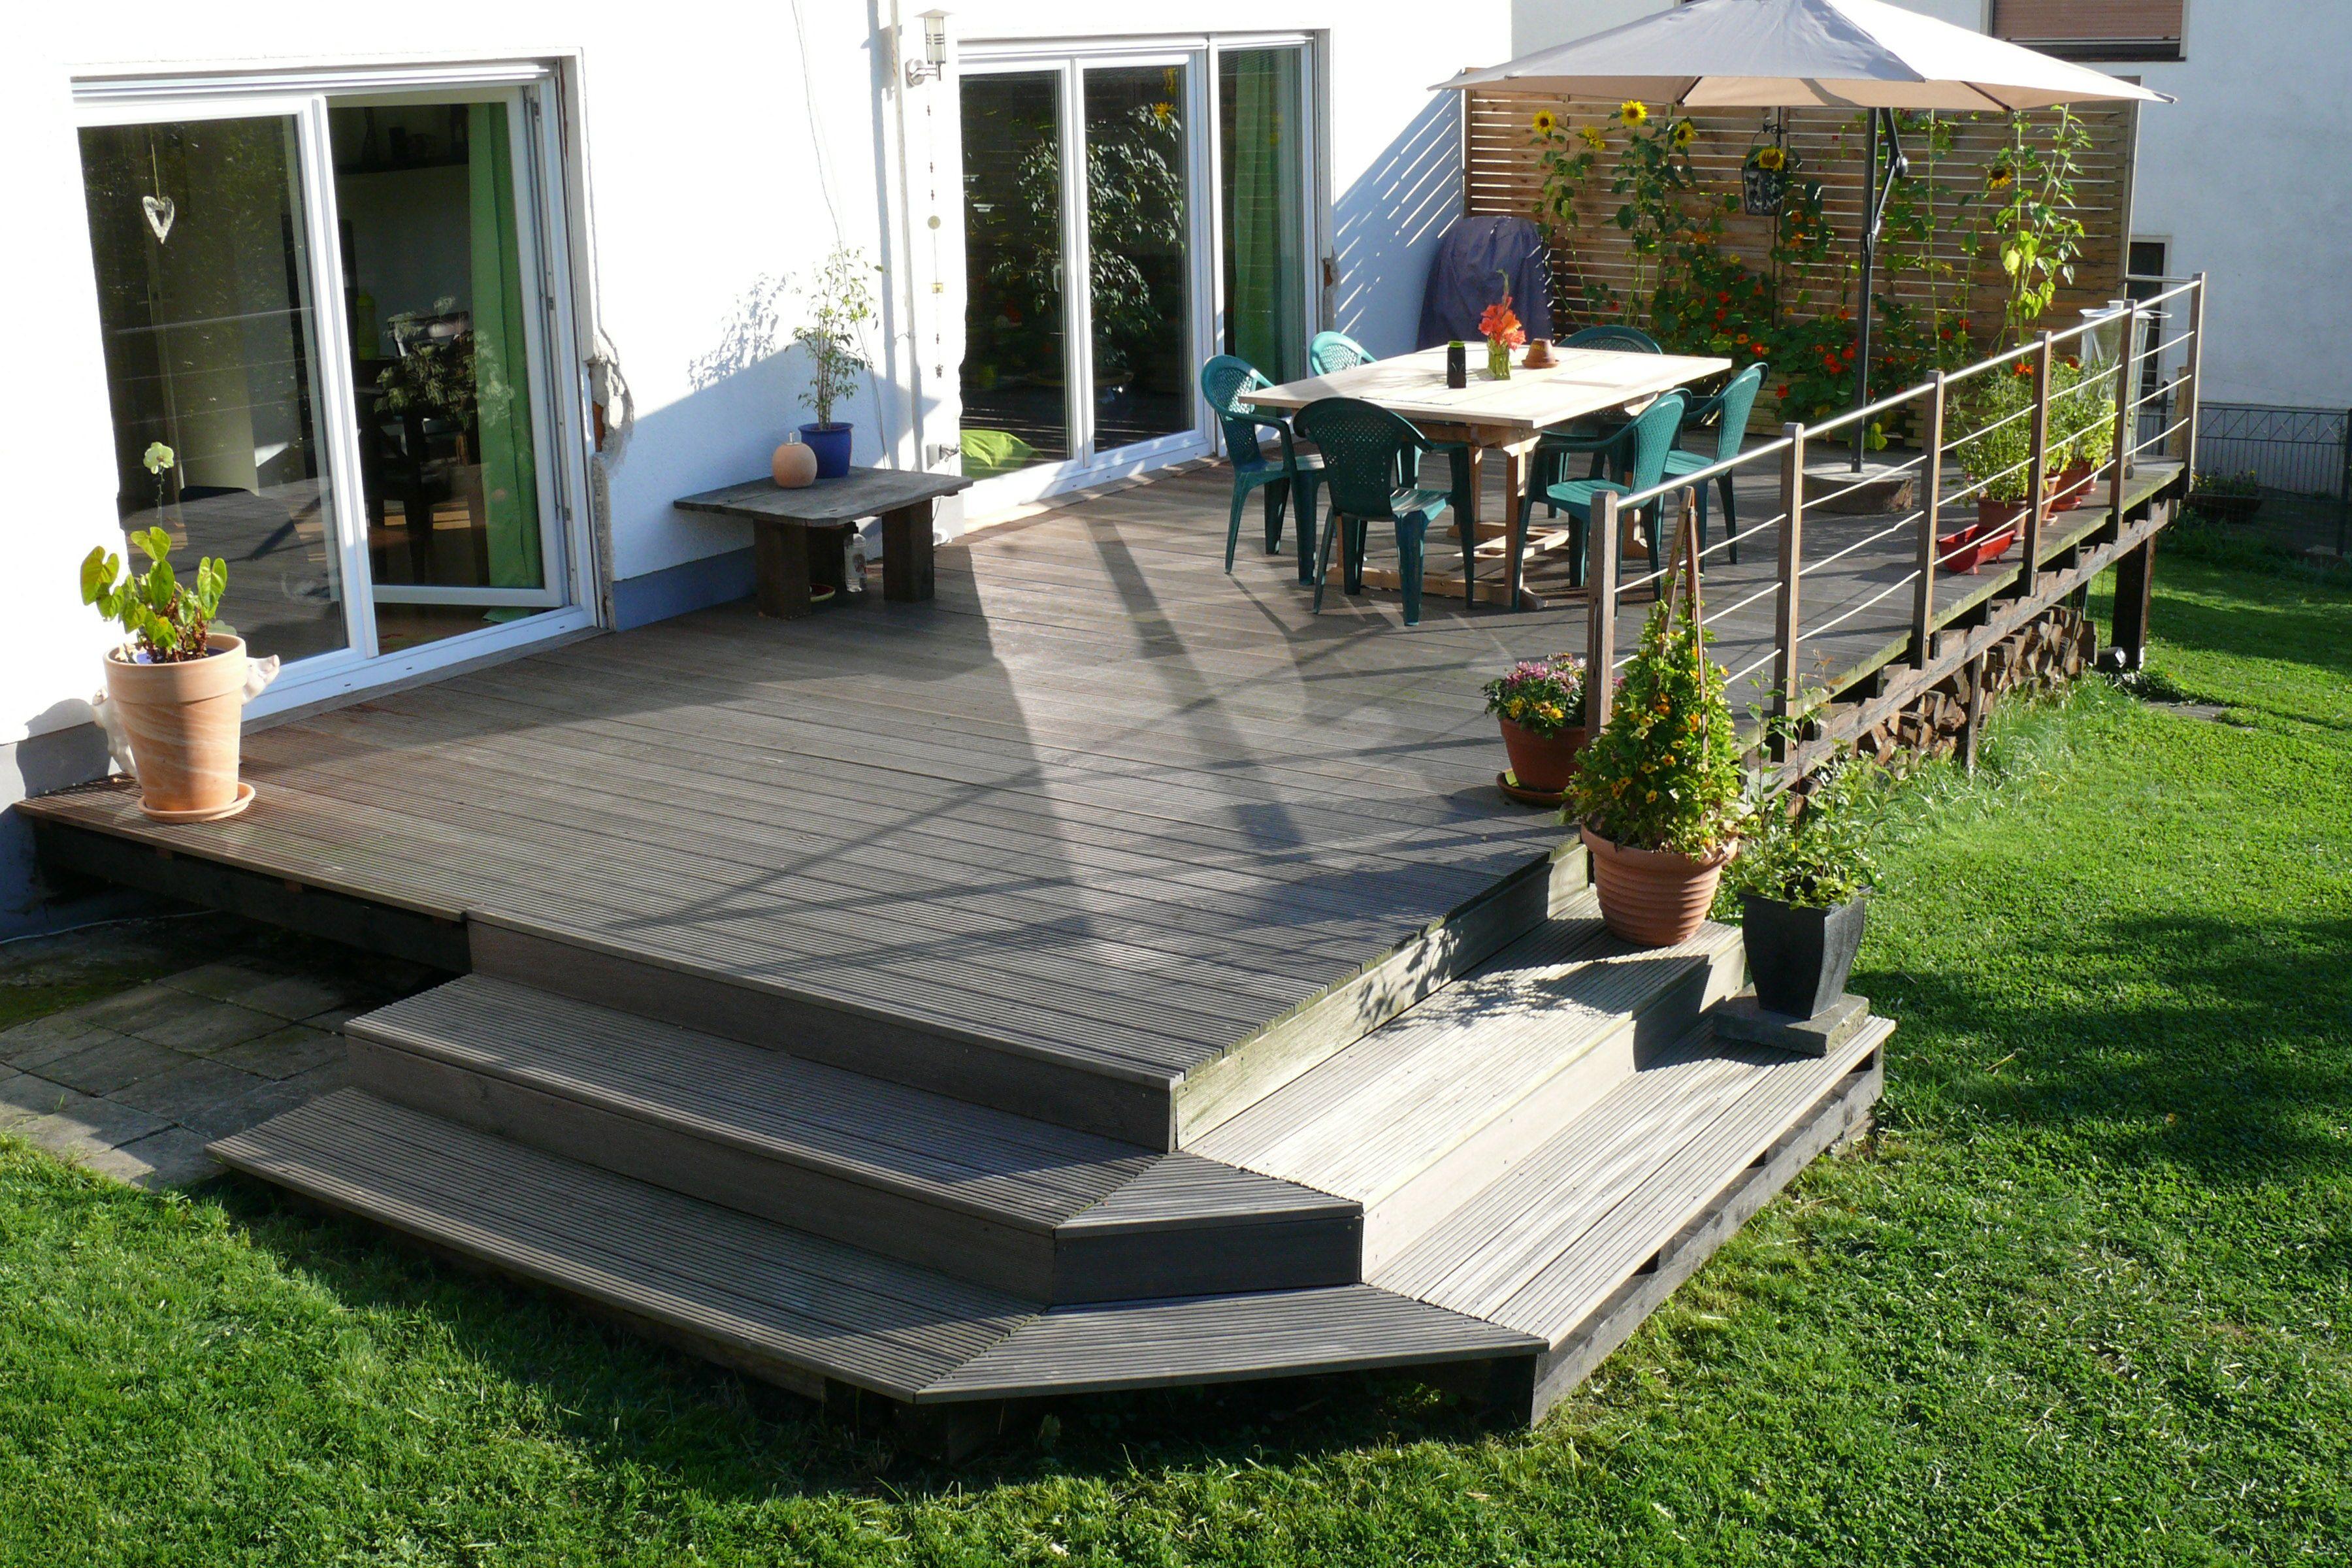 sichtschutz aus holz fur garten terrasse mit unterkonstruktion und auflager aus betonplatten. Black Bedroom Furniture Sets. Home Design Ideas